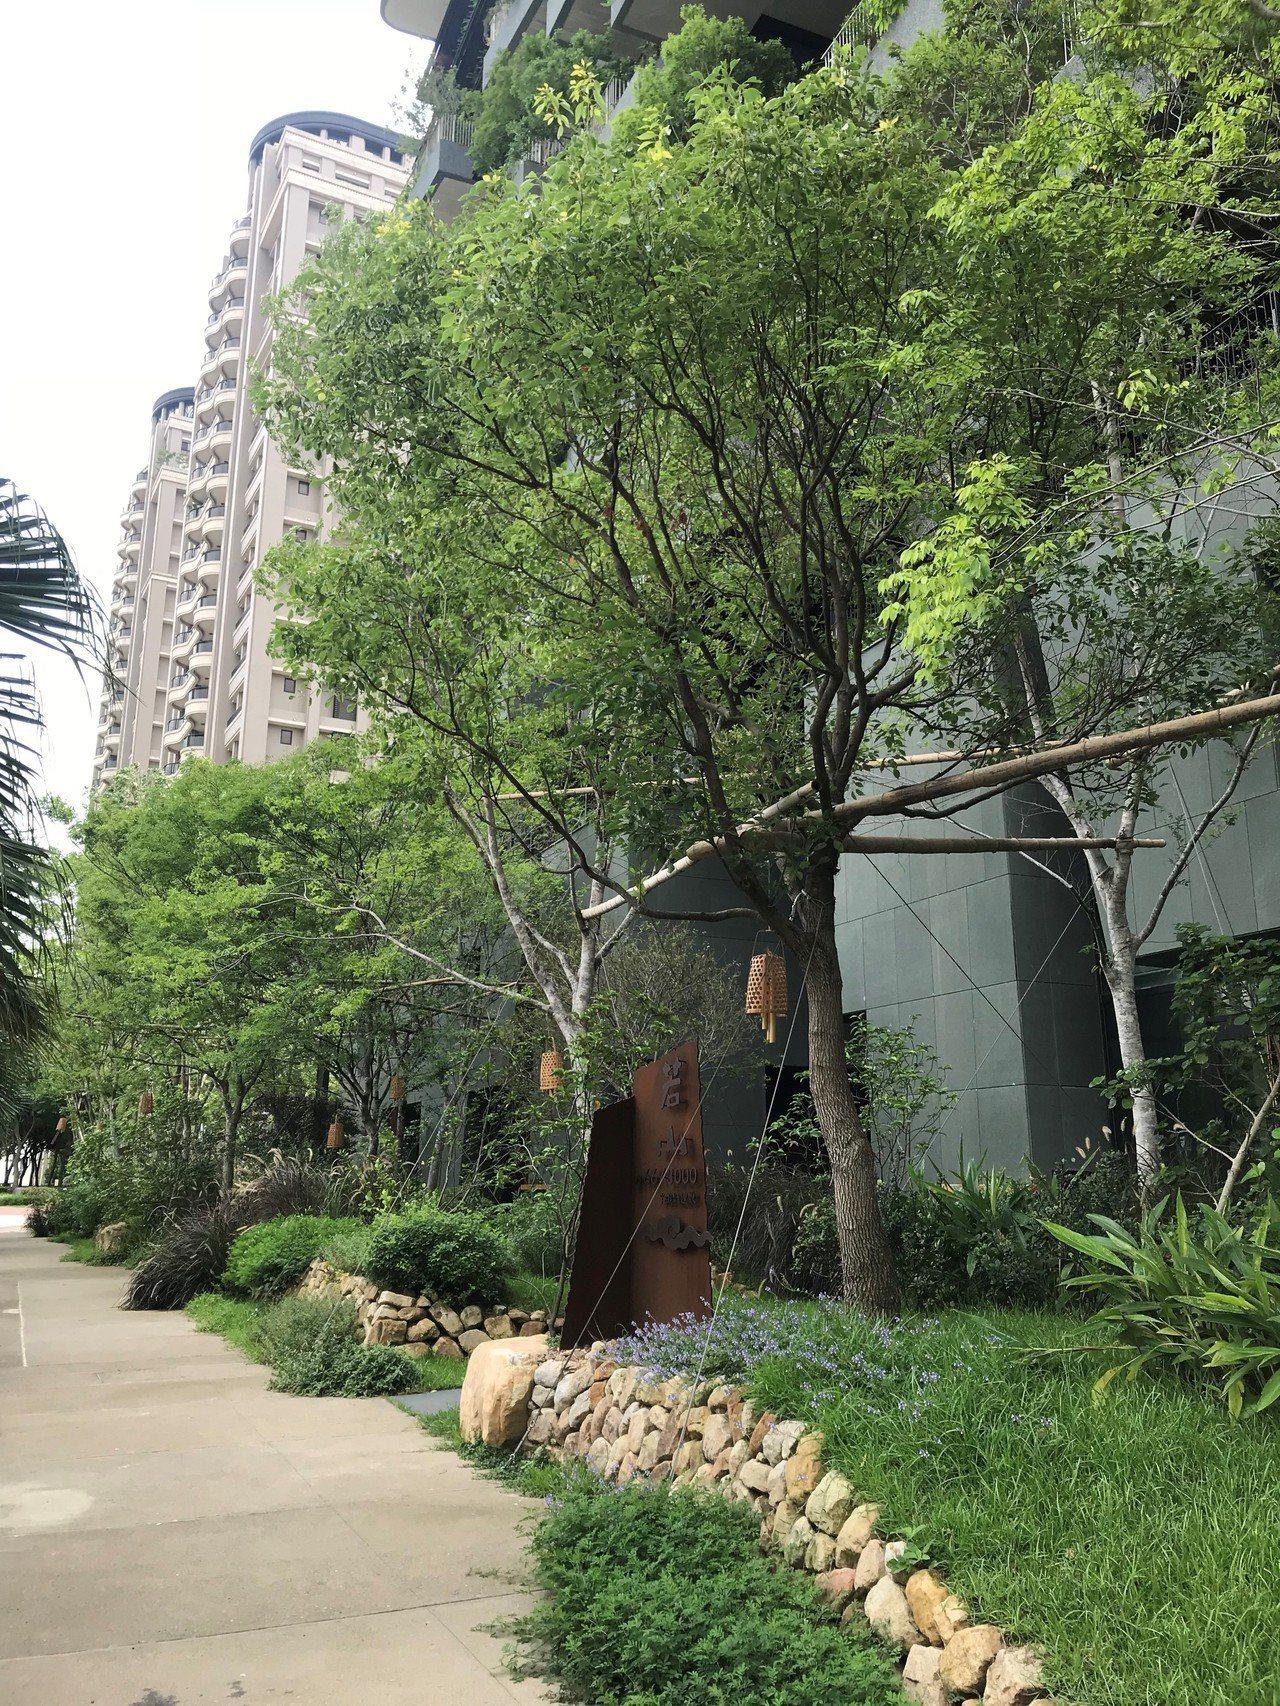 半畝塘「若山II」在新竹高鐵站區的豪宅聚落中,顯得特別綠意盎然。 記者李珣瑛/攝...